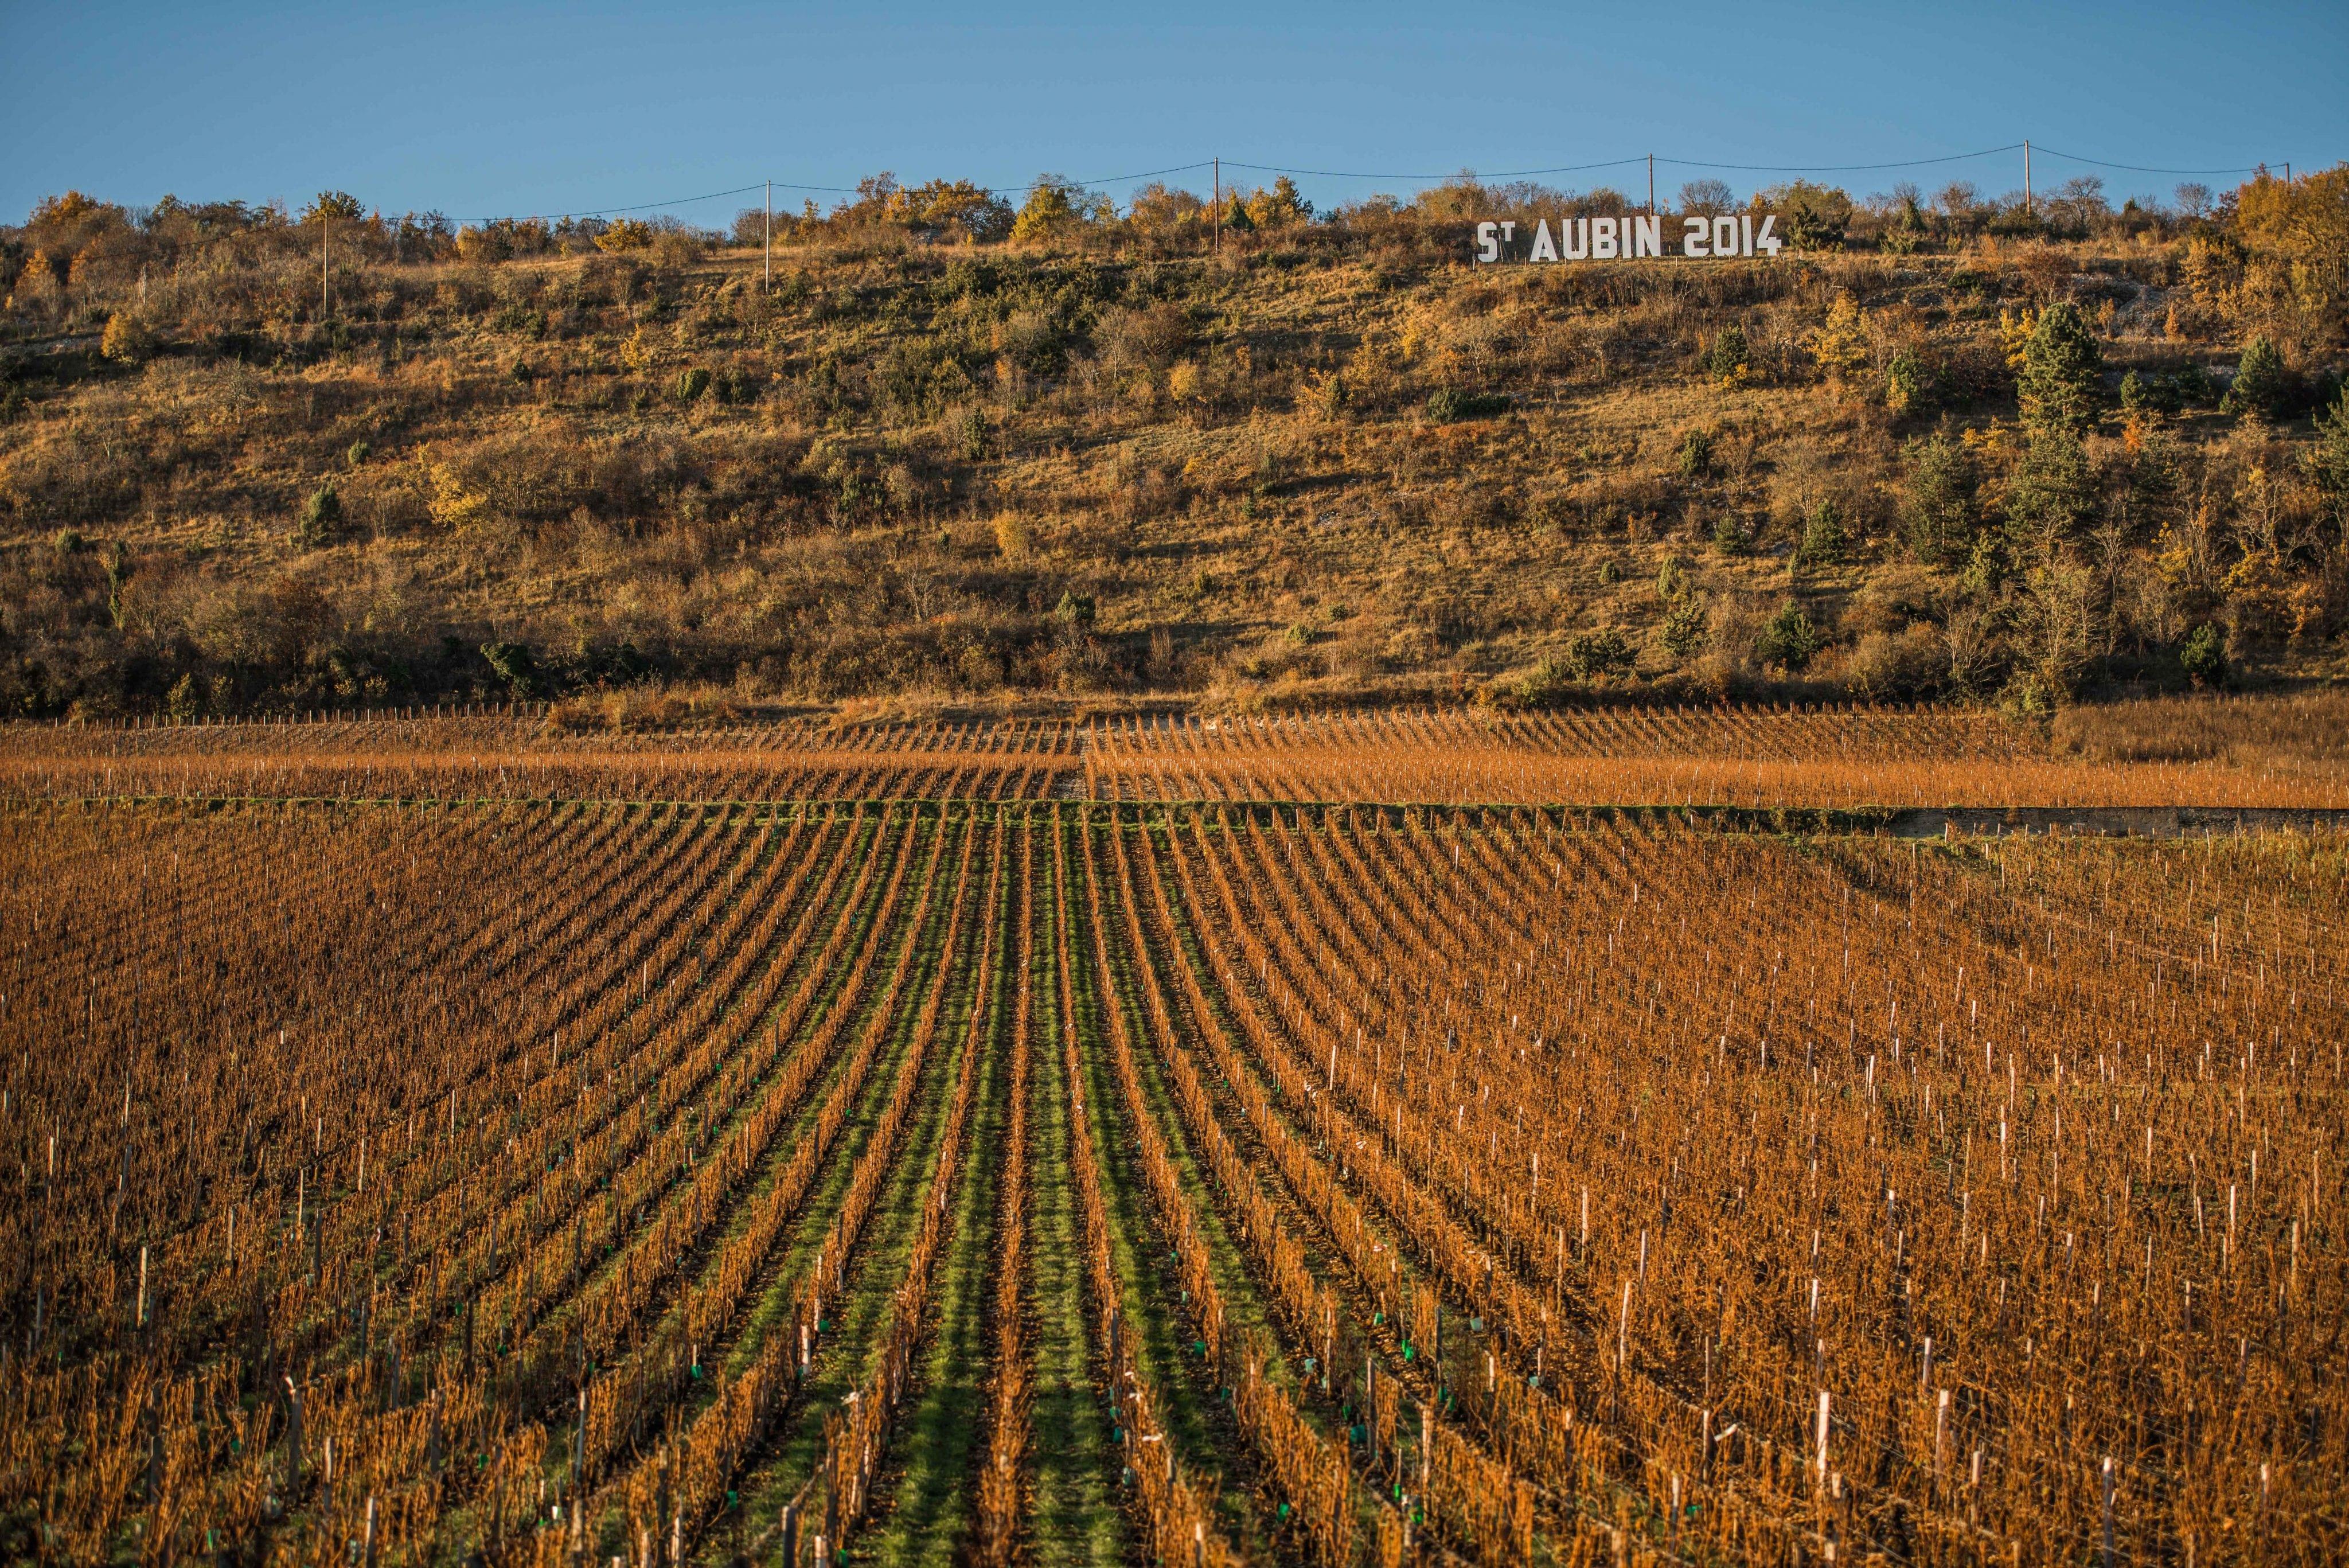 Saint-Aubin, l'un des plus beaux paysages viticoles du monde